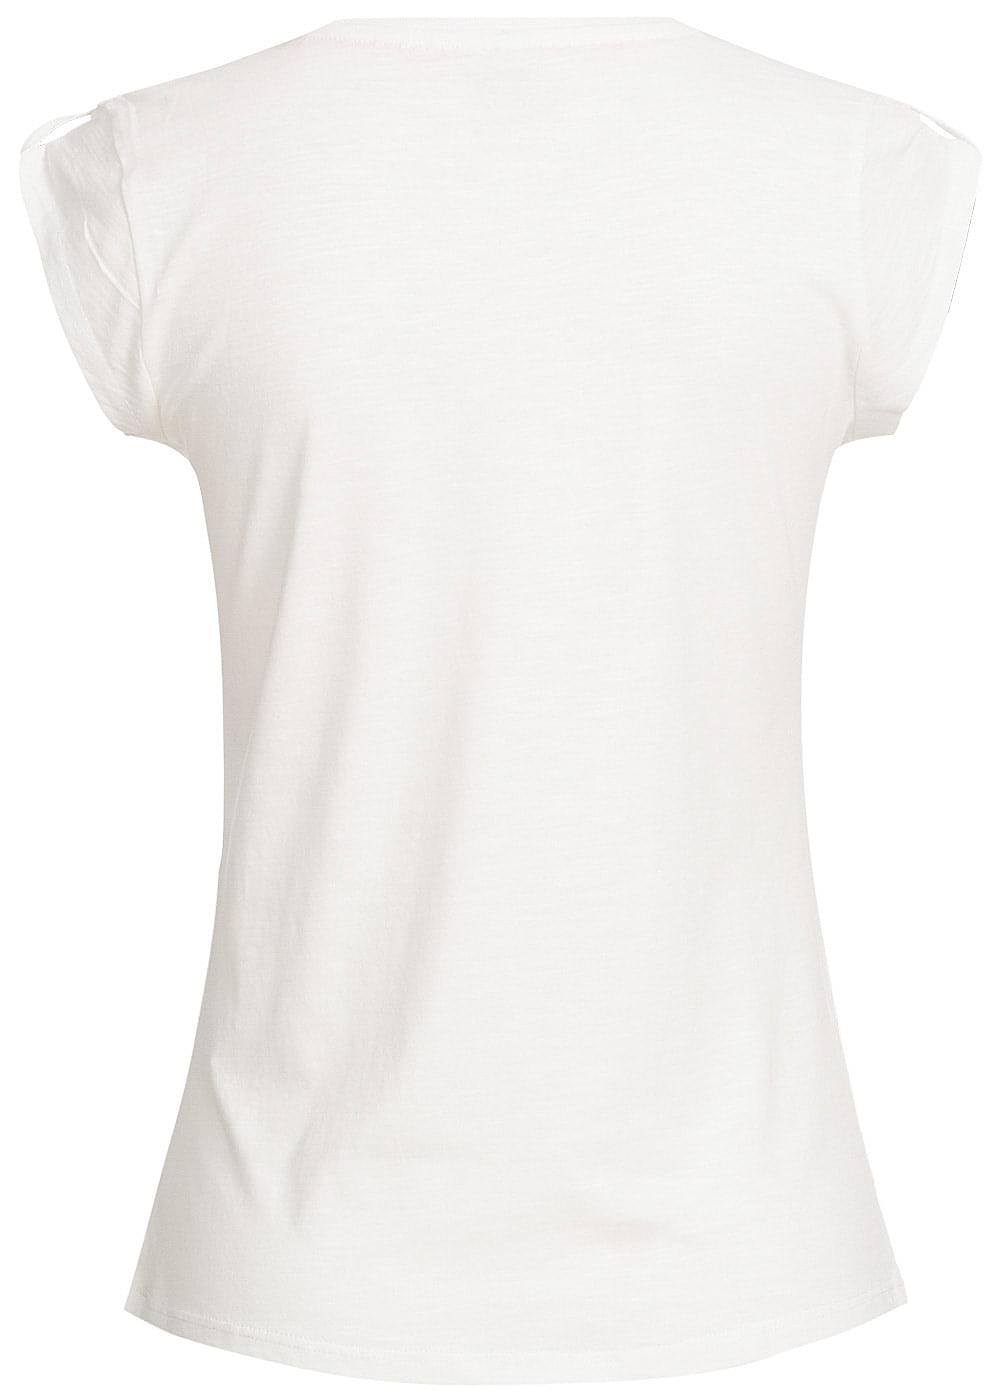 Hailys damen t shirt kurzarm herz print off weiss for T shirt printing one off